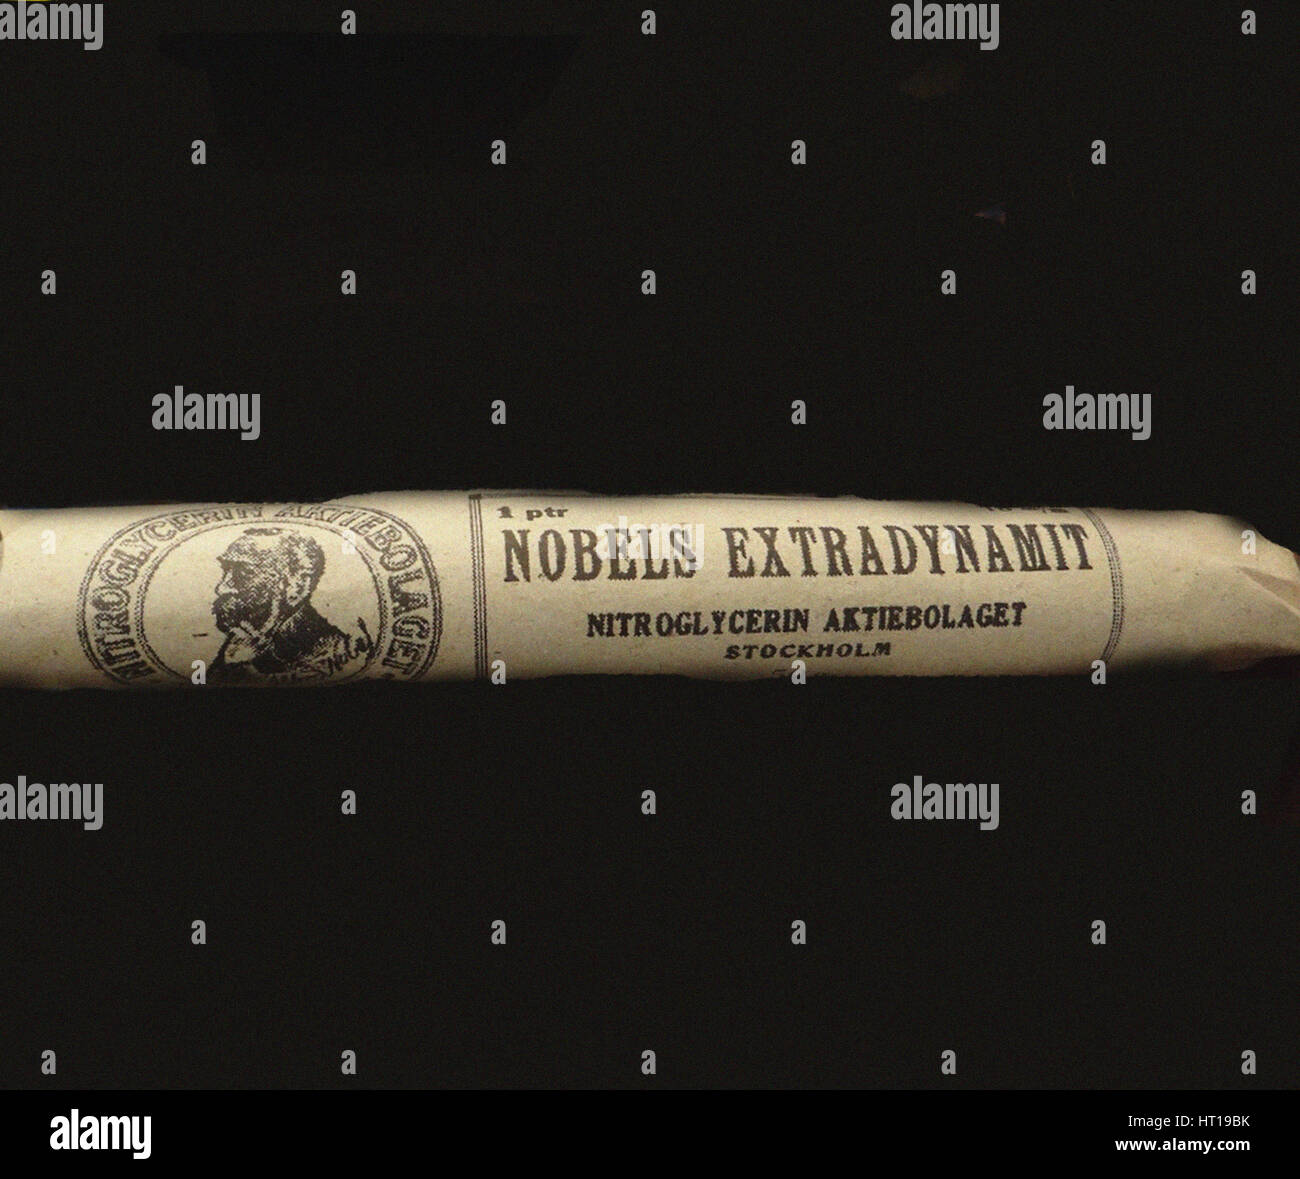 Il Nobel' Extradynamit. Artista: oggetto storico Immagini Stock